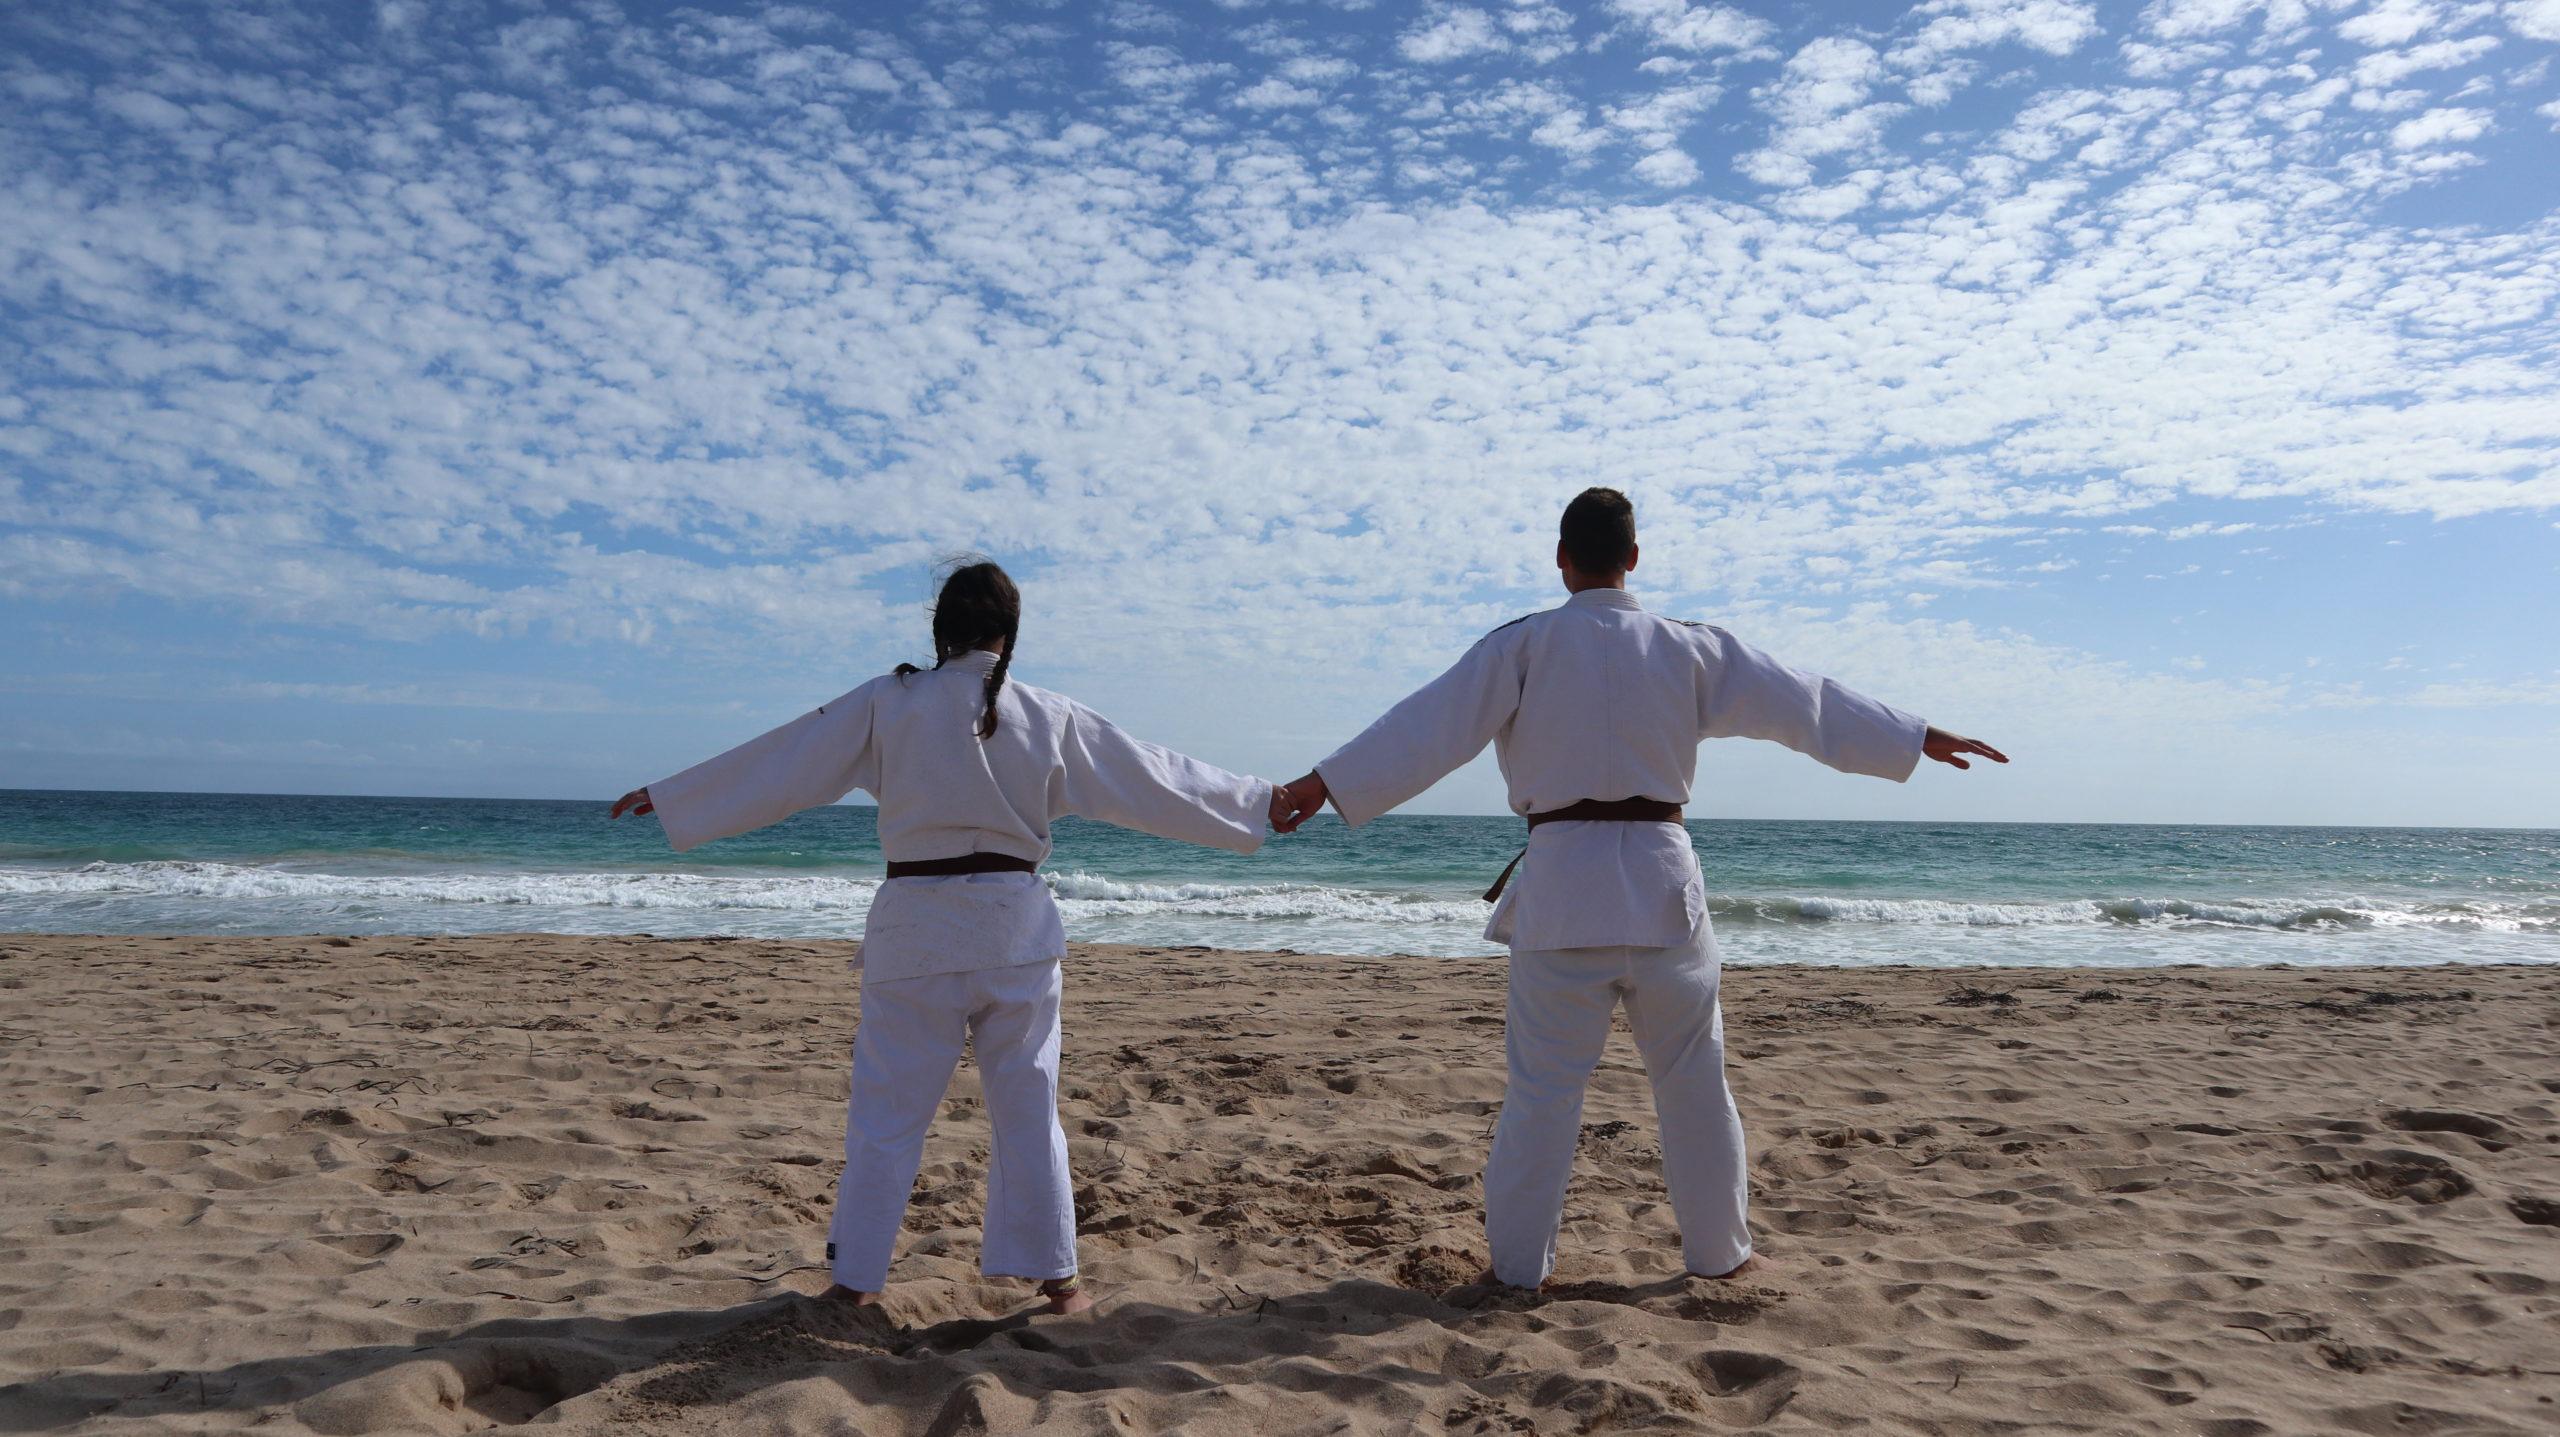 Wir in Judoanzügen am Strand